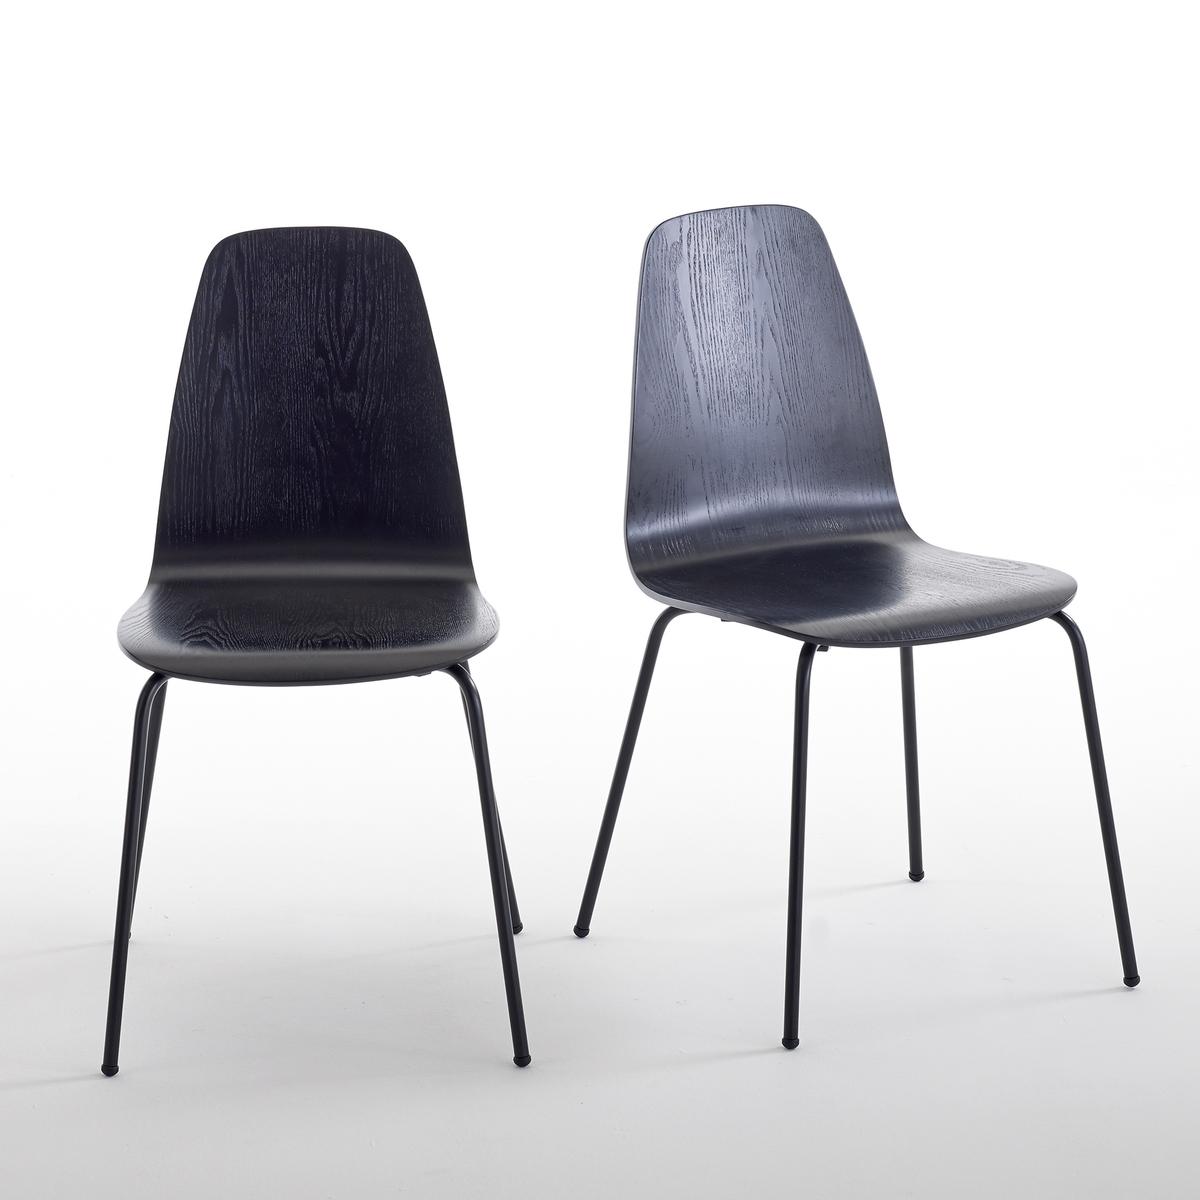 Комплект из 2 стульев в винтажном стиле, Biface